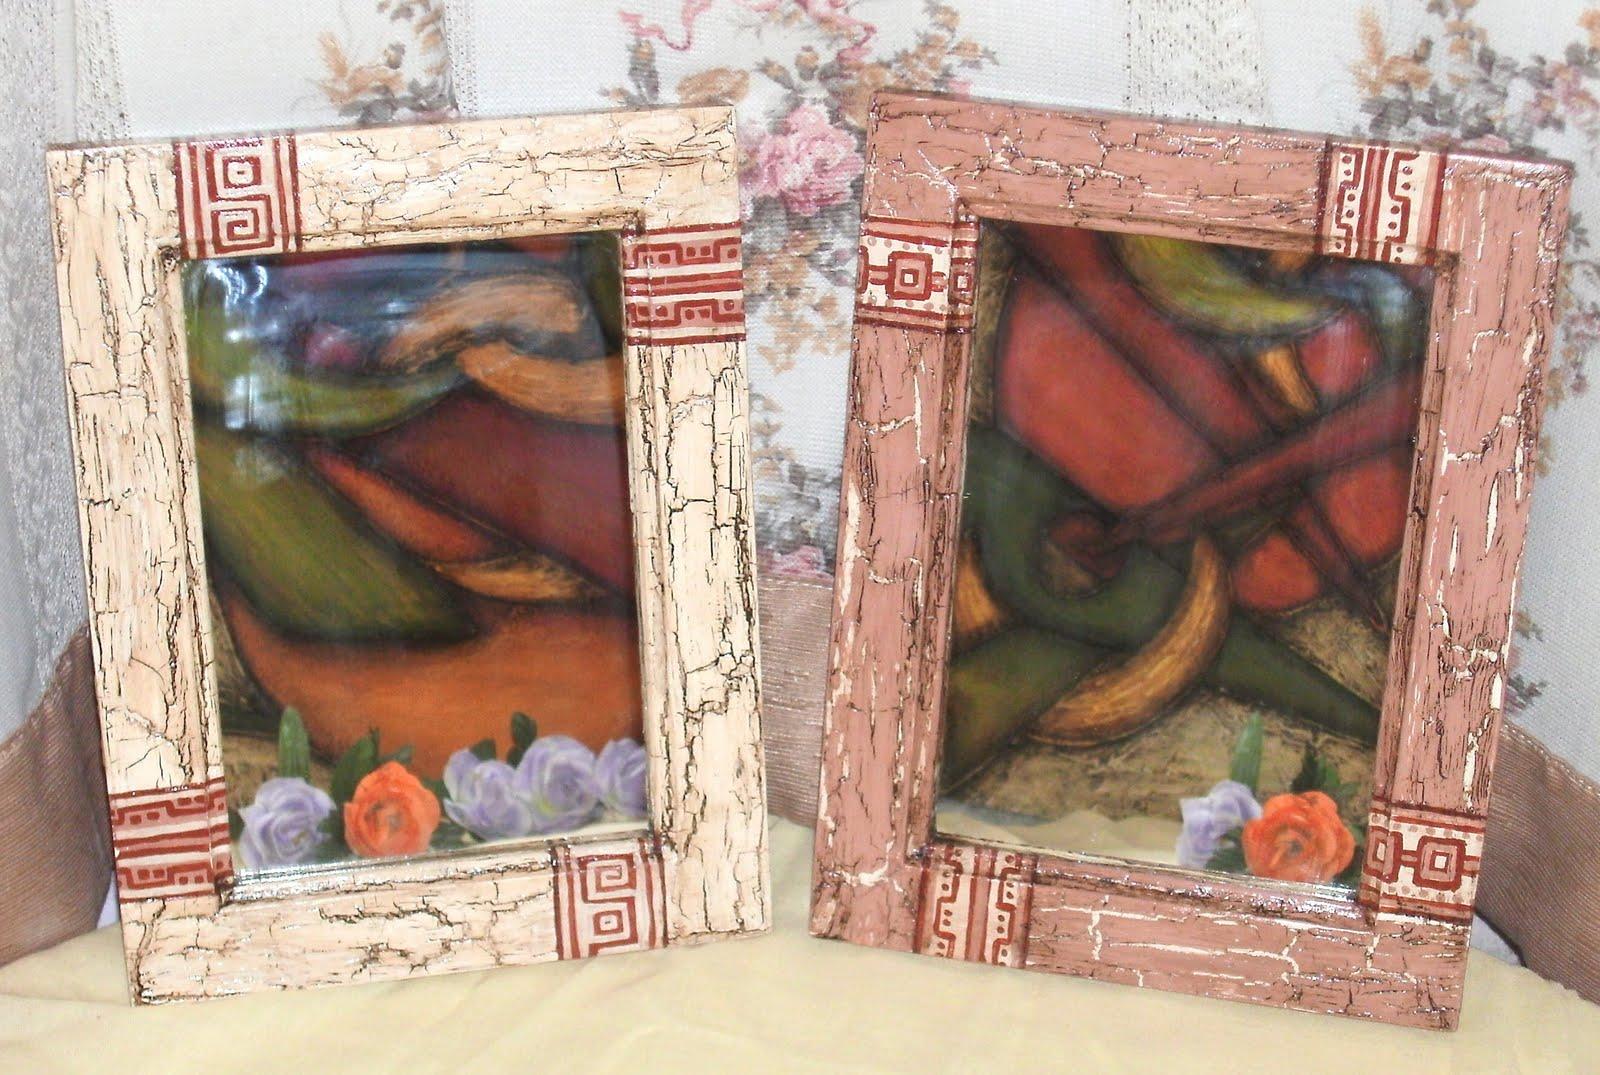 Almas en el viento marcos artesanales para cuadros y espejos Marcos para espejos artesanales